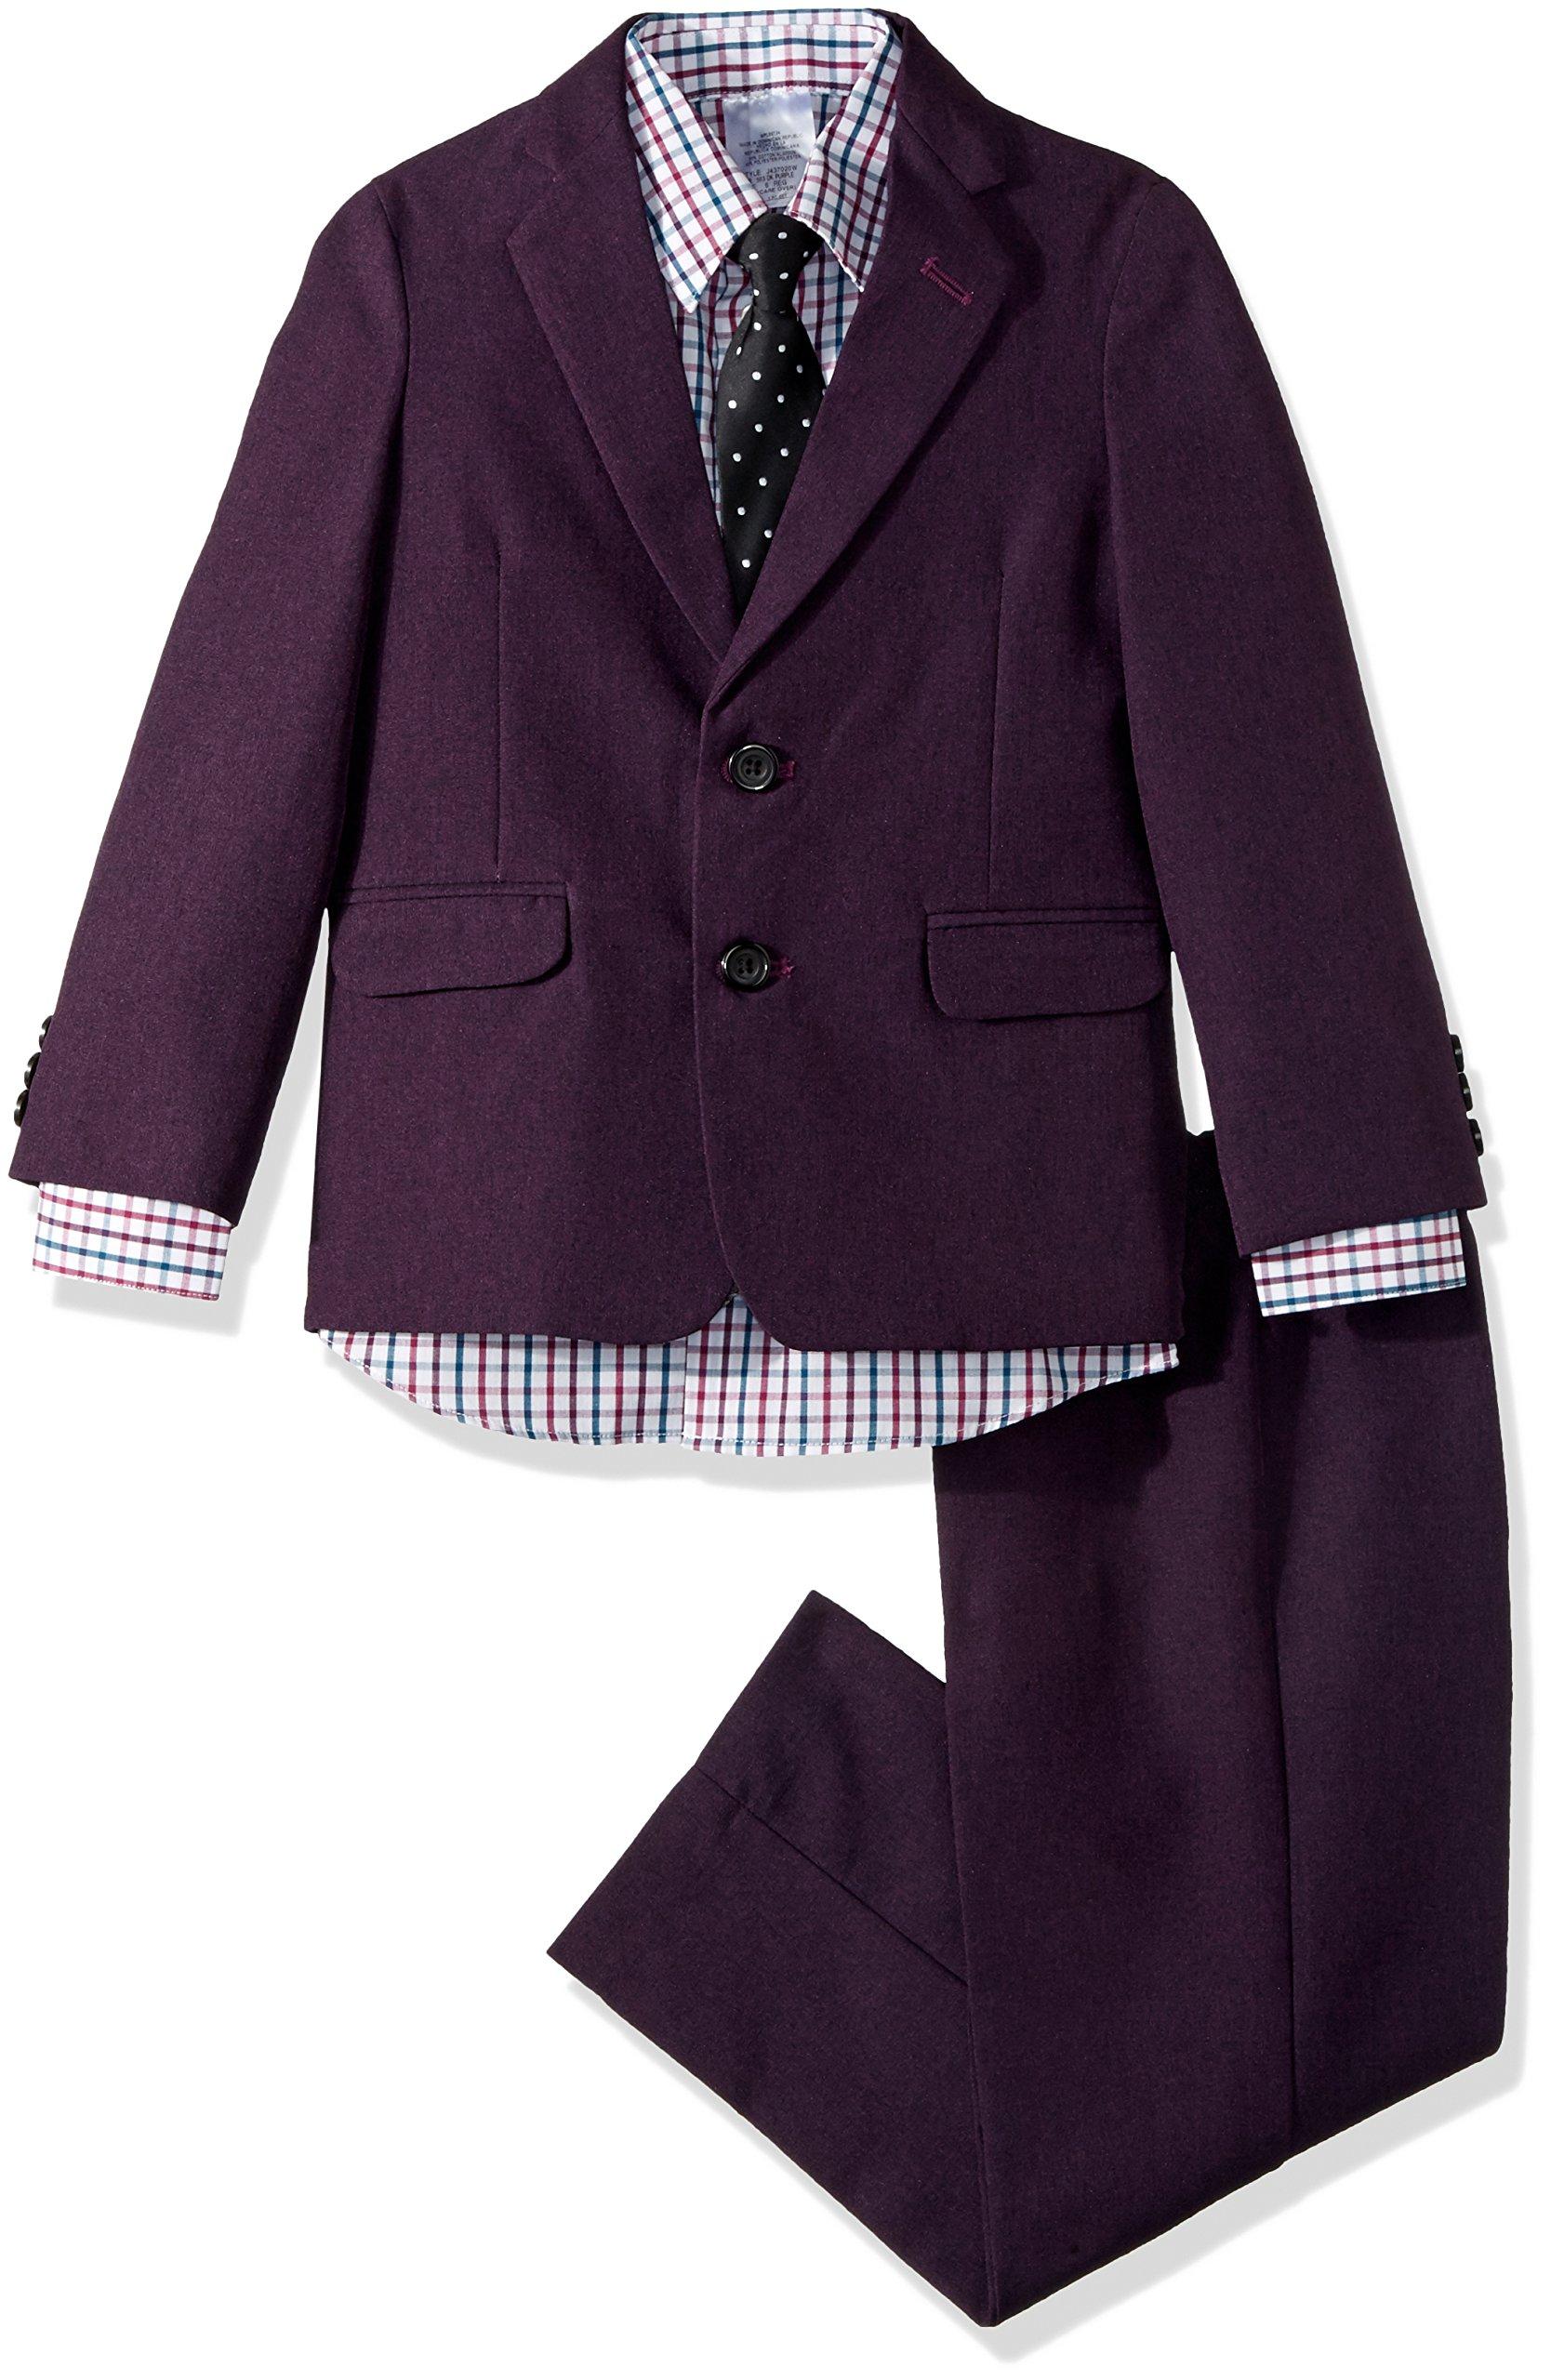 Steve Harvey Boys' Five Piece Suit Set, Dark Purple, 7